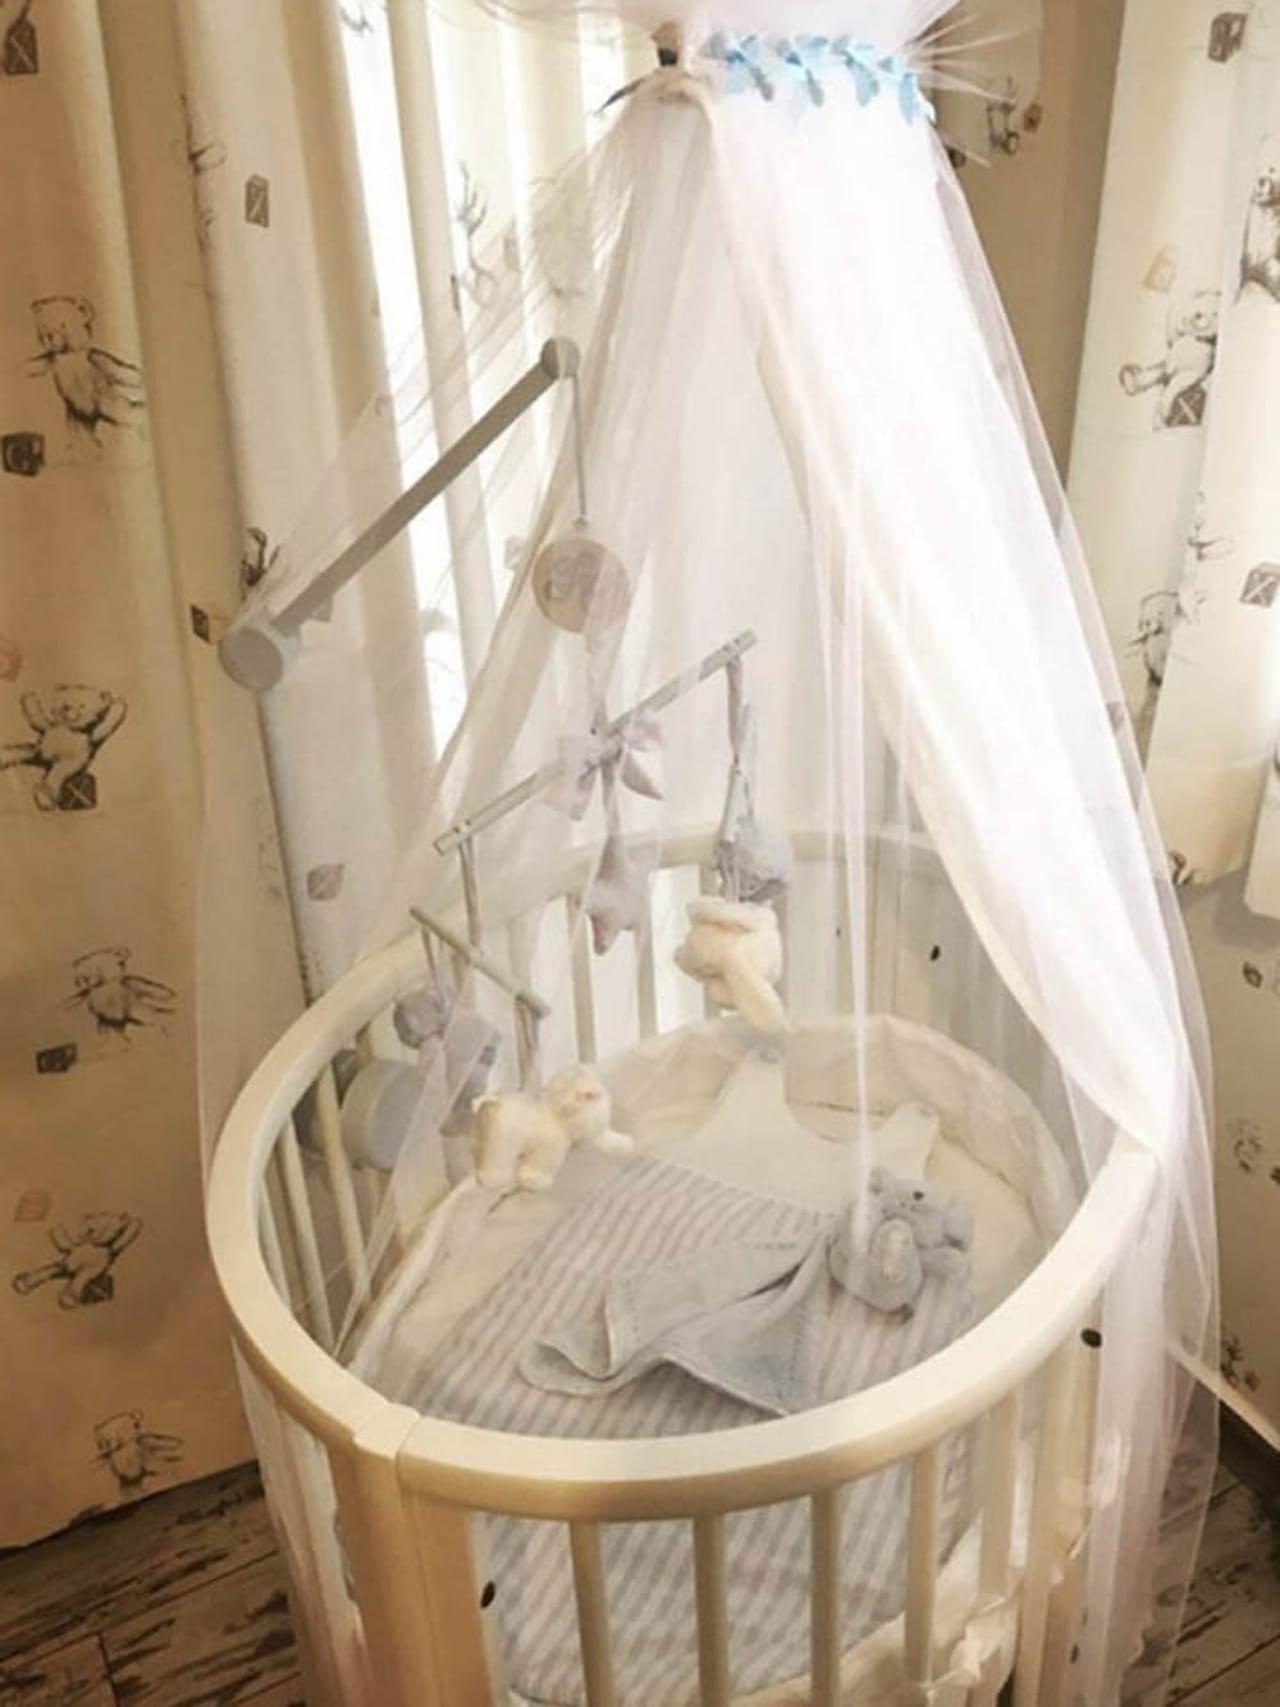 ميريام فارس ترزق بمولودها الأول وتحتار في تسميته